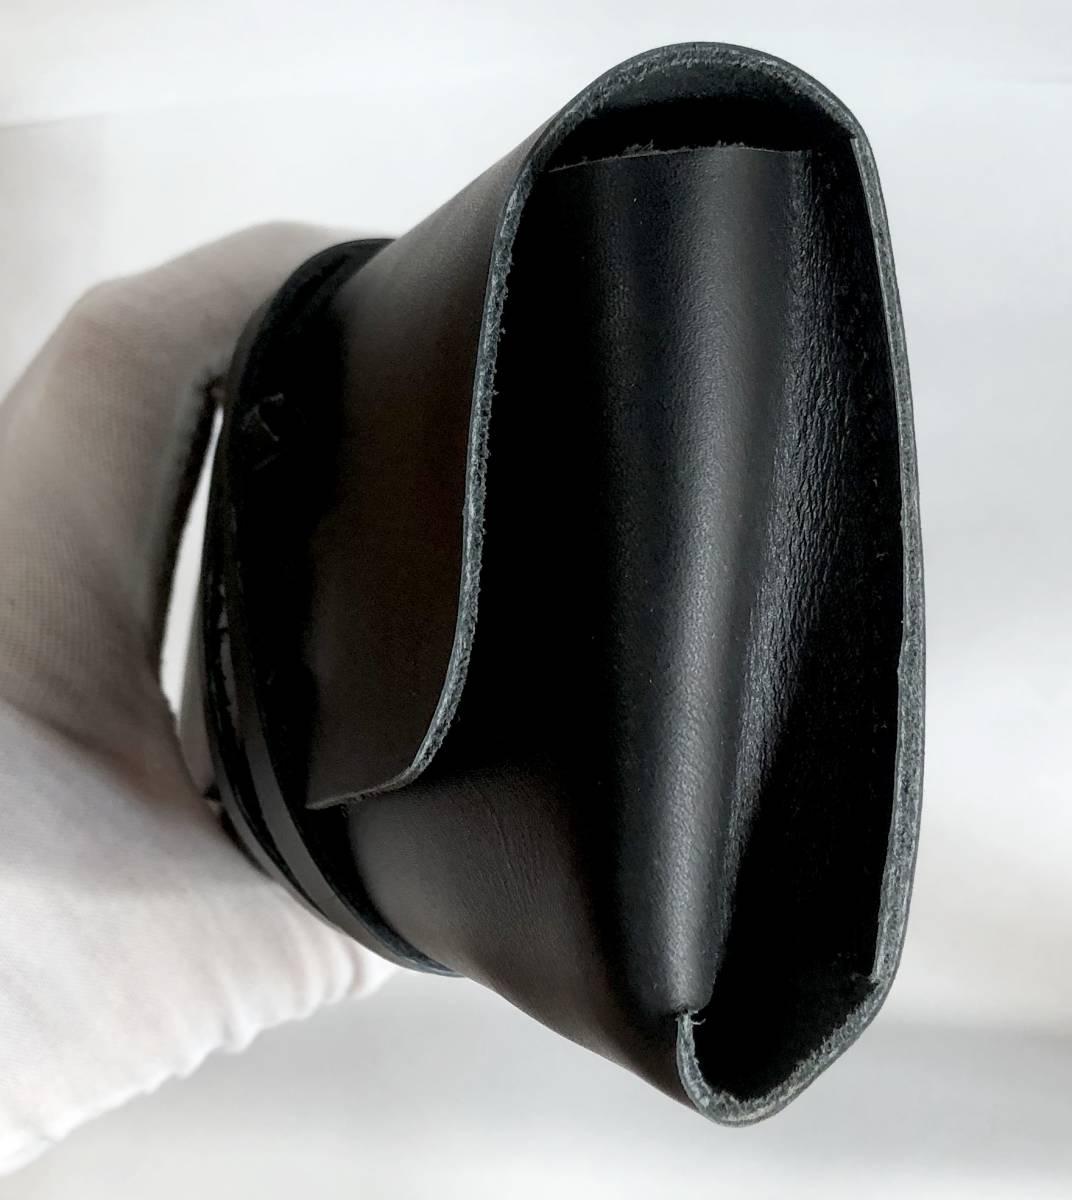 新品/未開封】本牛革レーザーケース 一枚革 厚手レザー 黒ロープ ヴィンテージスタイル_画像6